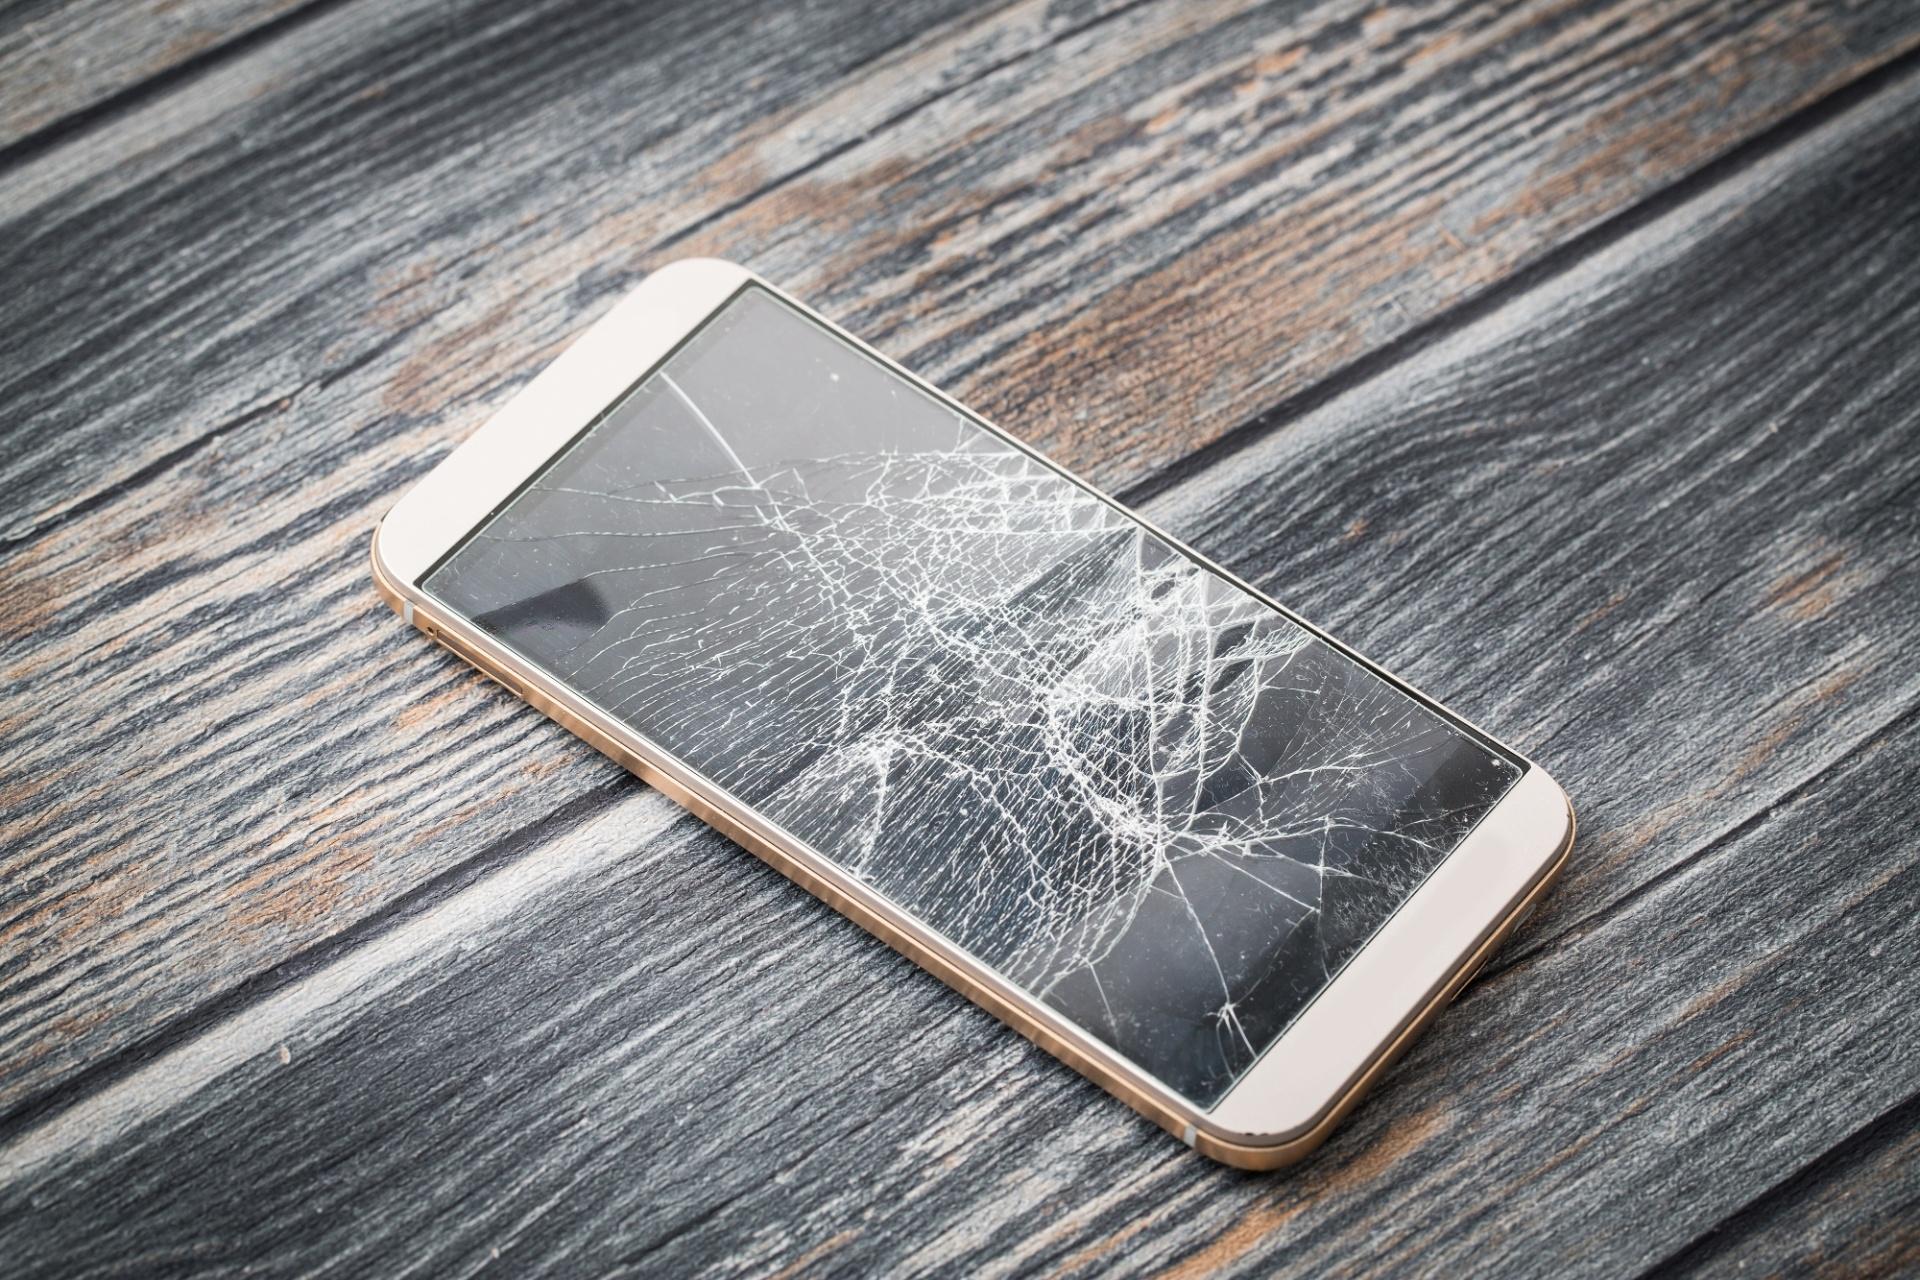 abbbf804d97 Usar celular com tela quebrada pode ser uma má ideia - 18 07 2017 - UOL  Tecnologia